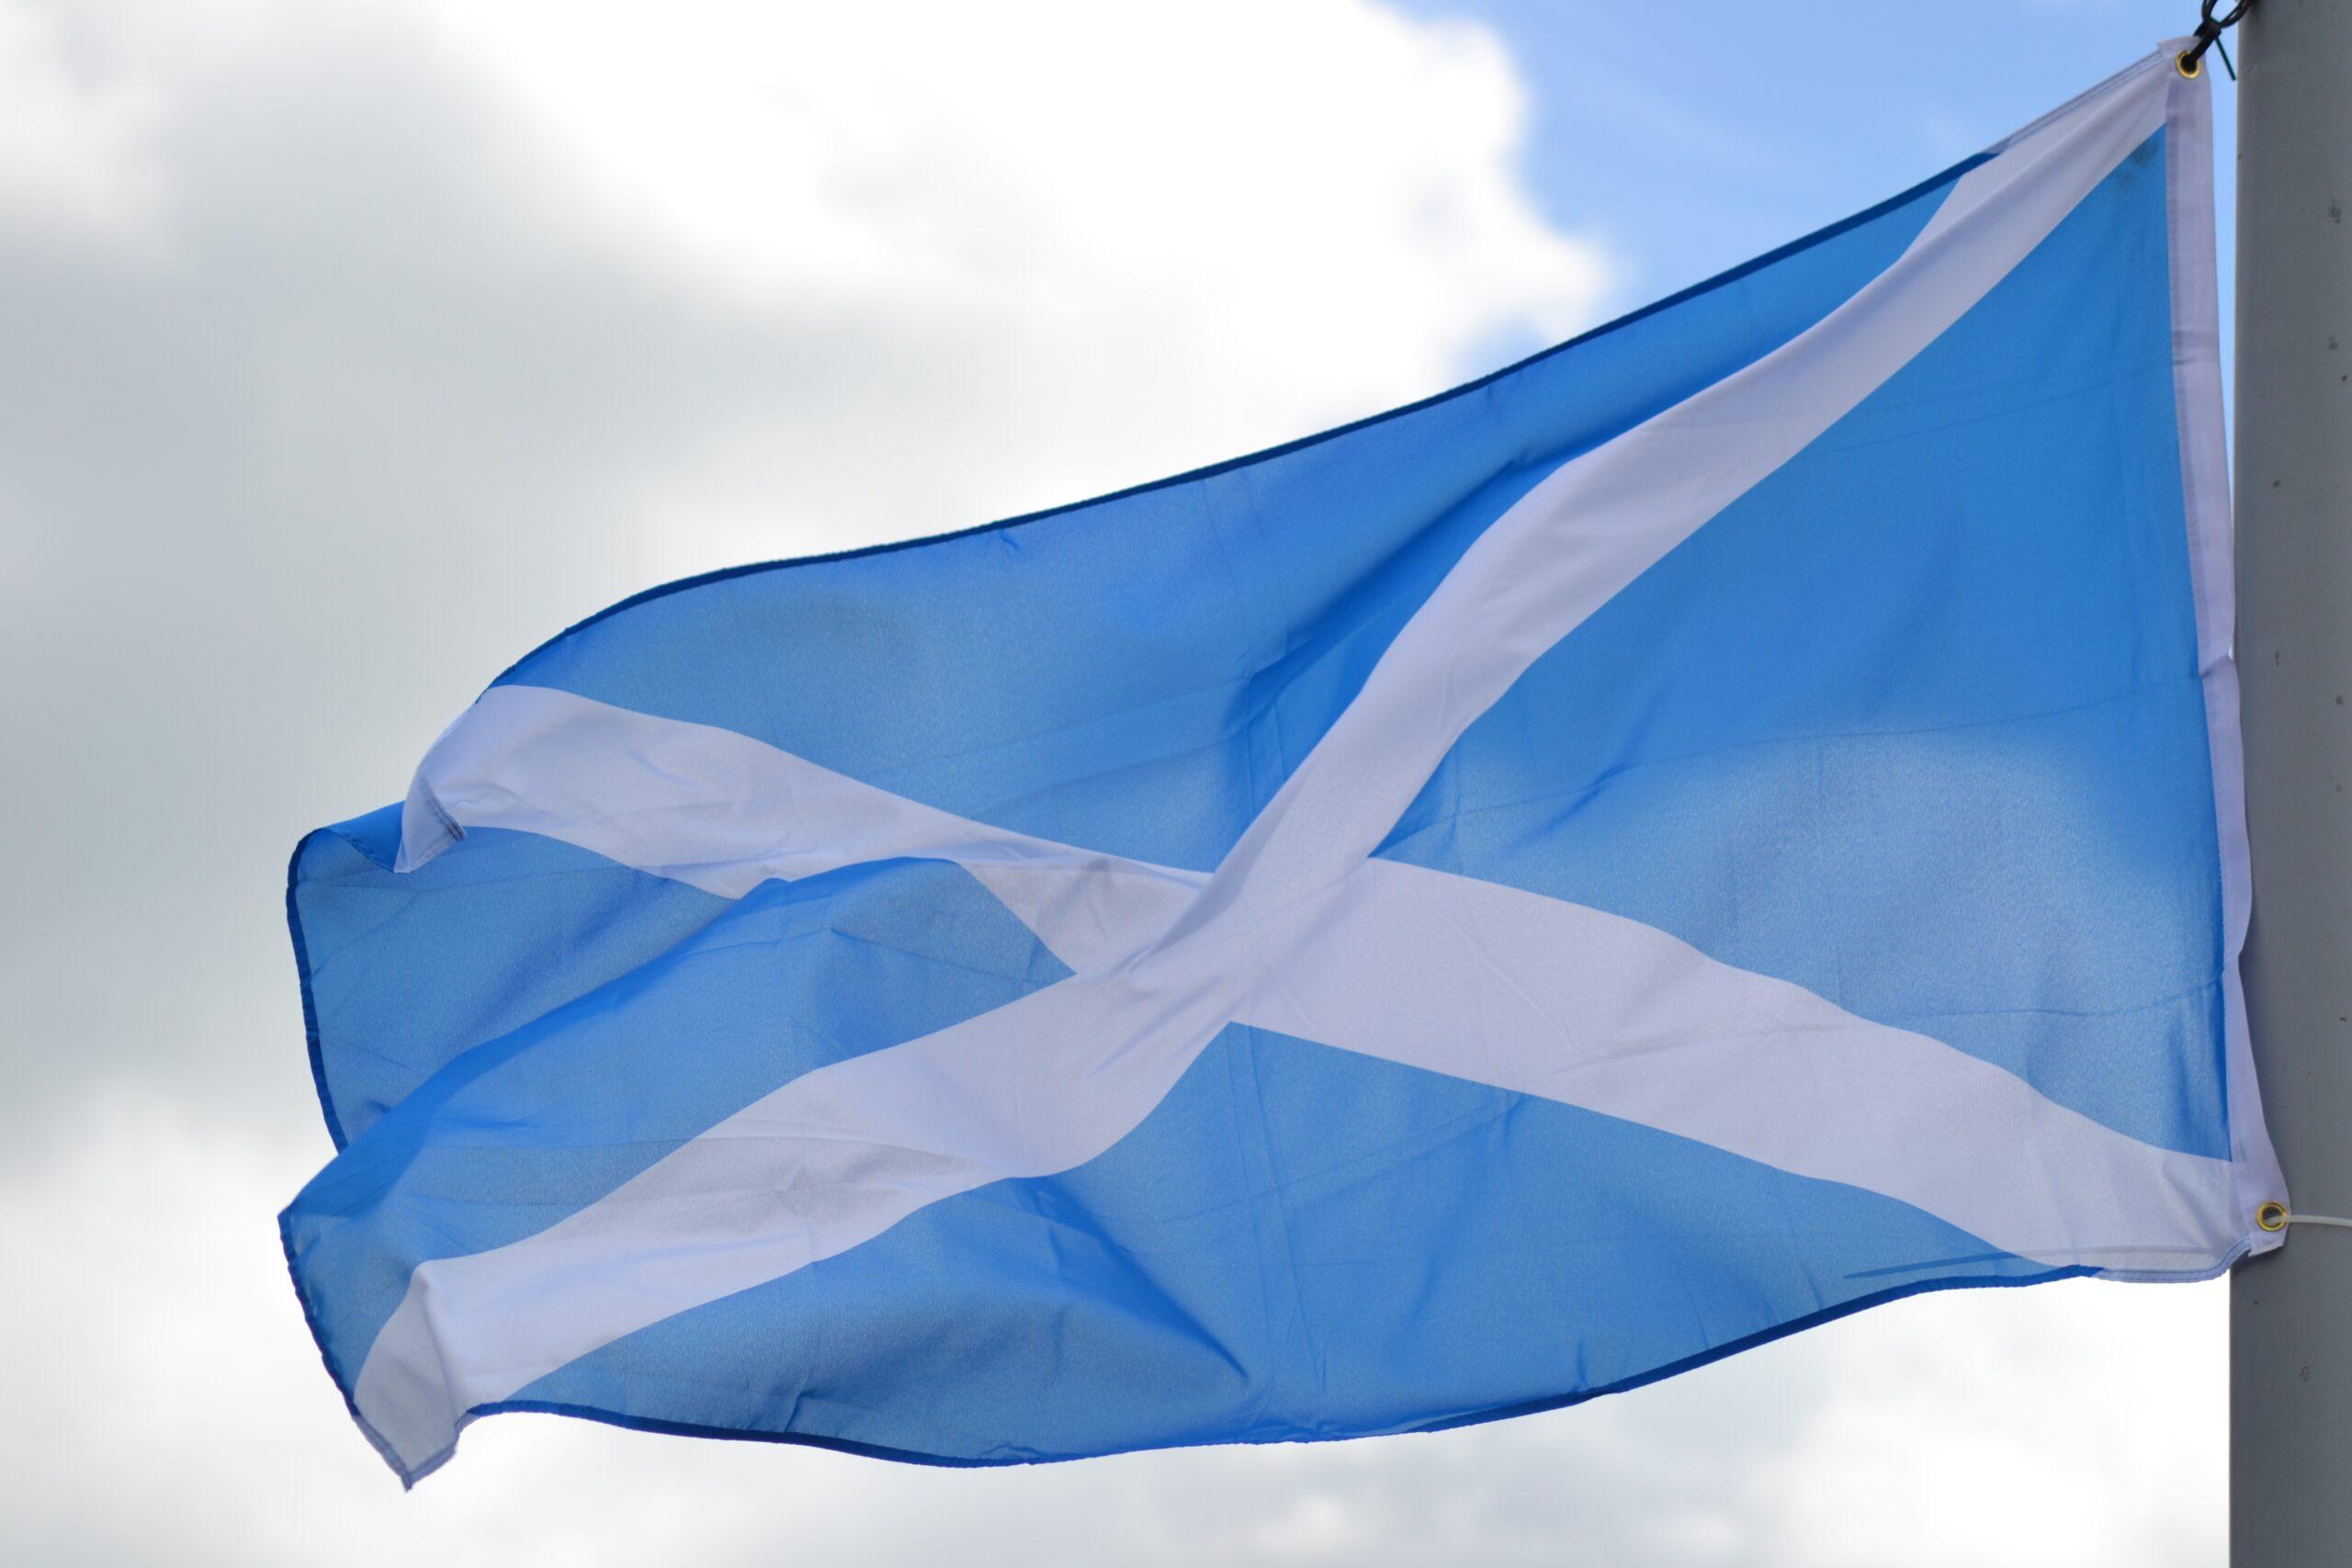 PhD na Escócia: conheça o Global Research Scholarships